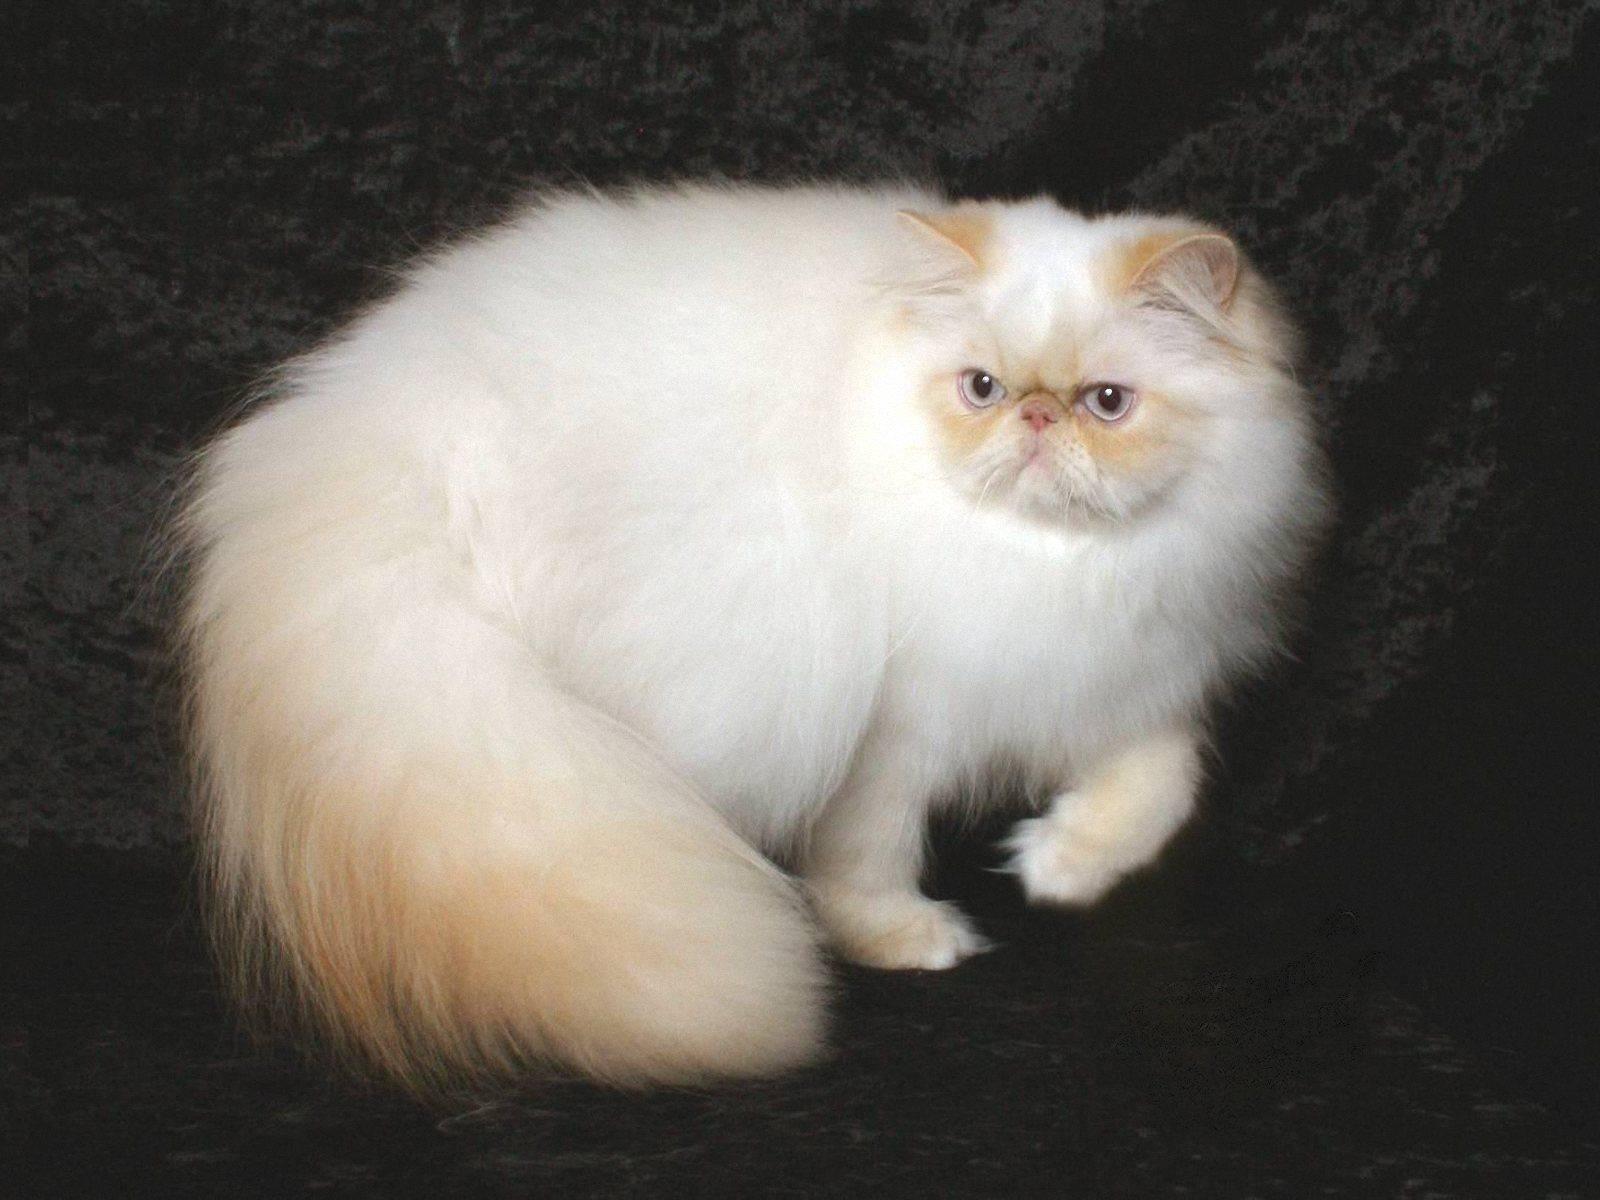 Гималайская кошка - характер, внешность, особенности породы, фото, содержание, рекомендации + отзывы